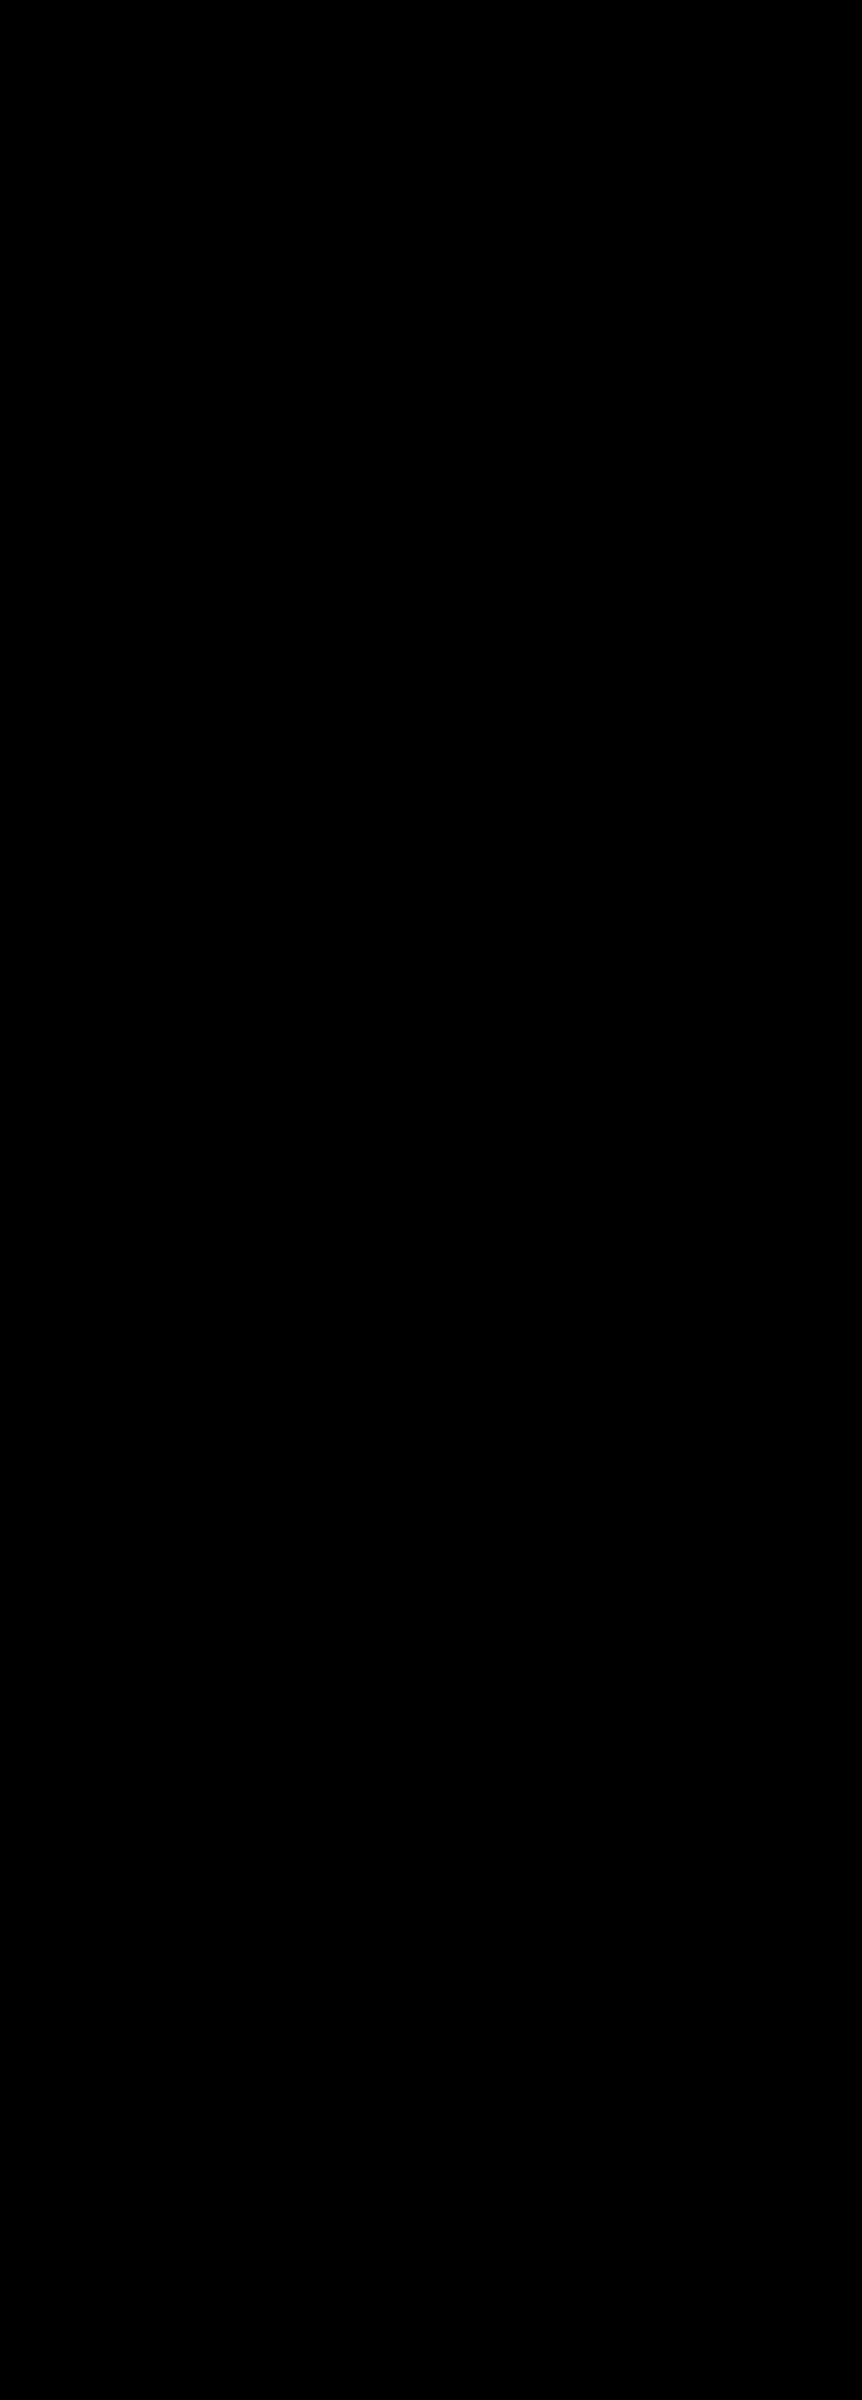 Usb Symbol Clipart.